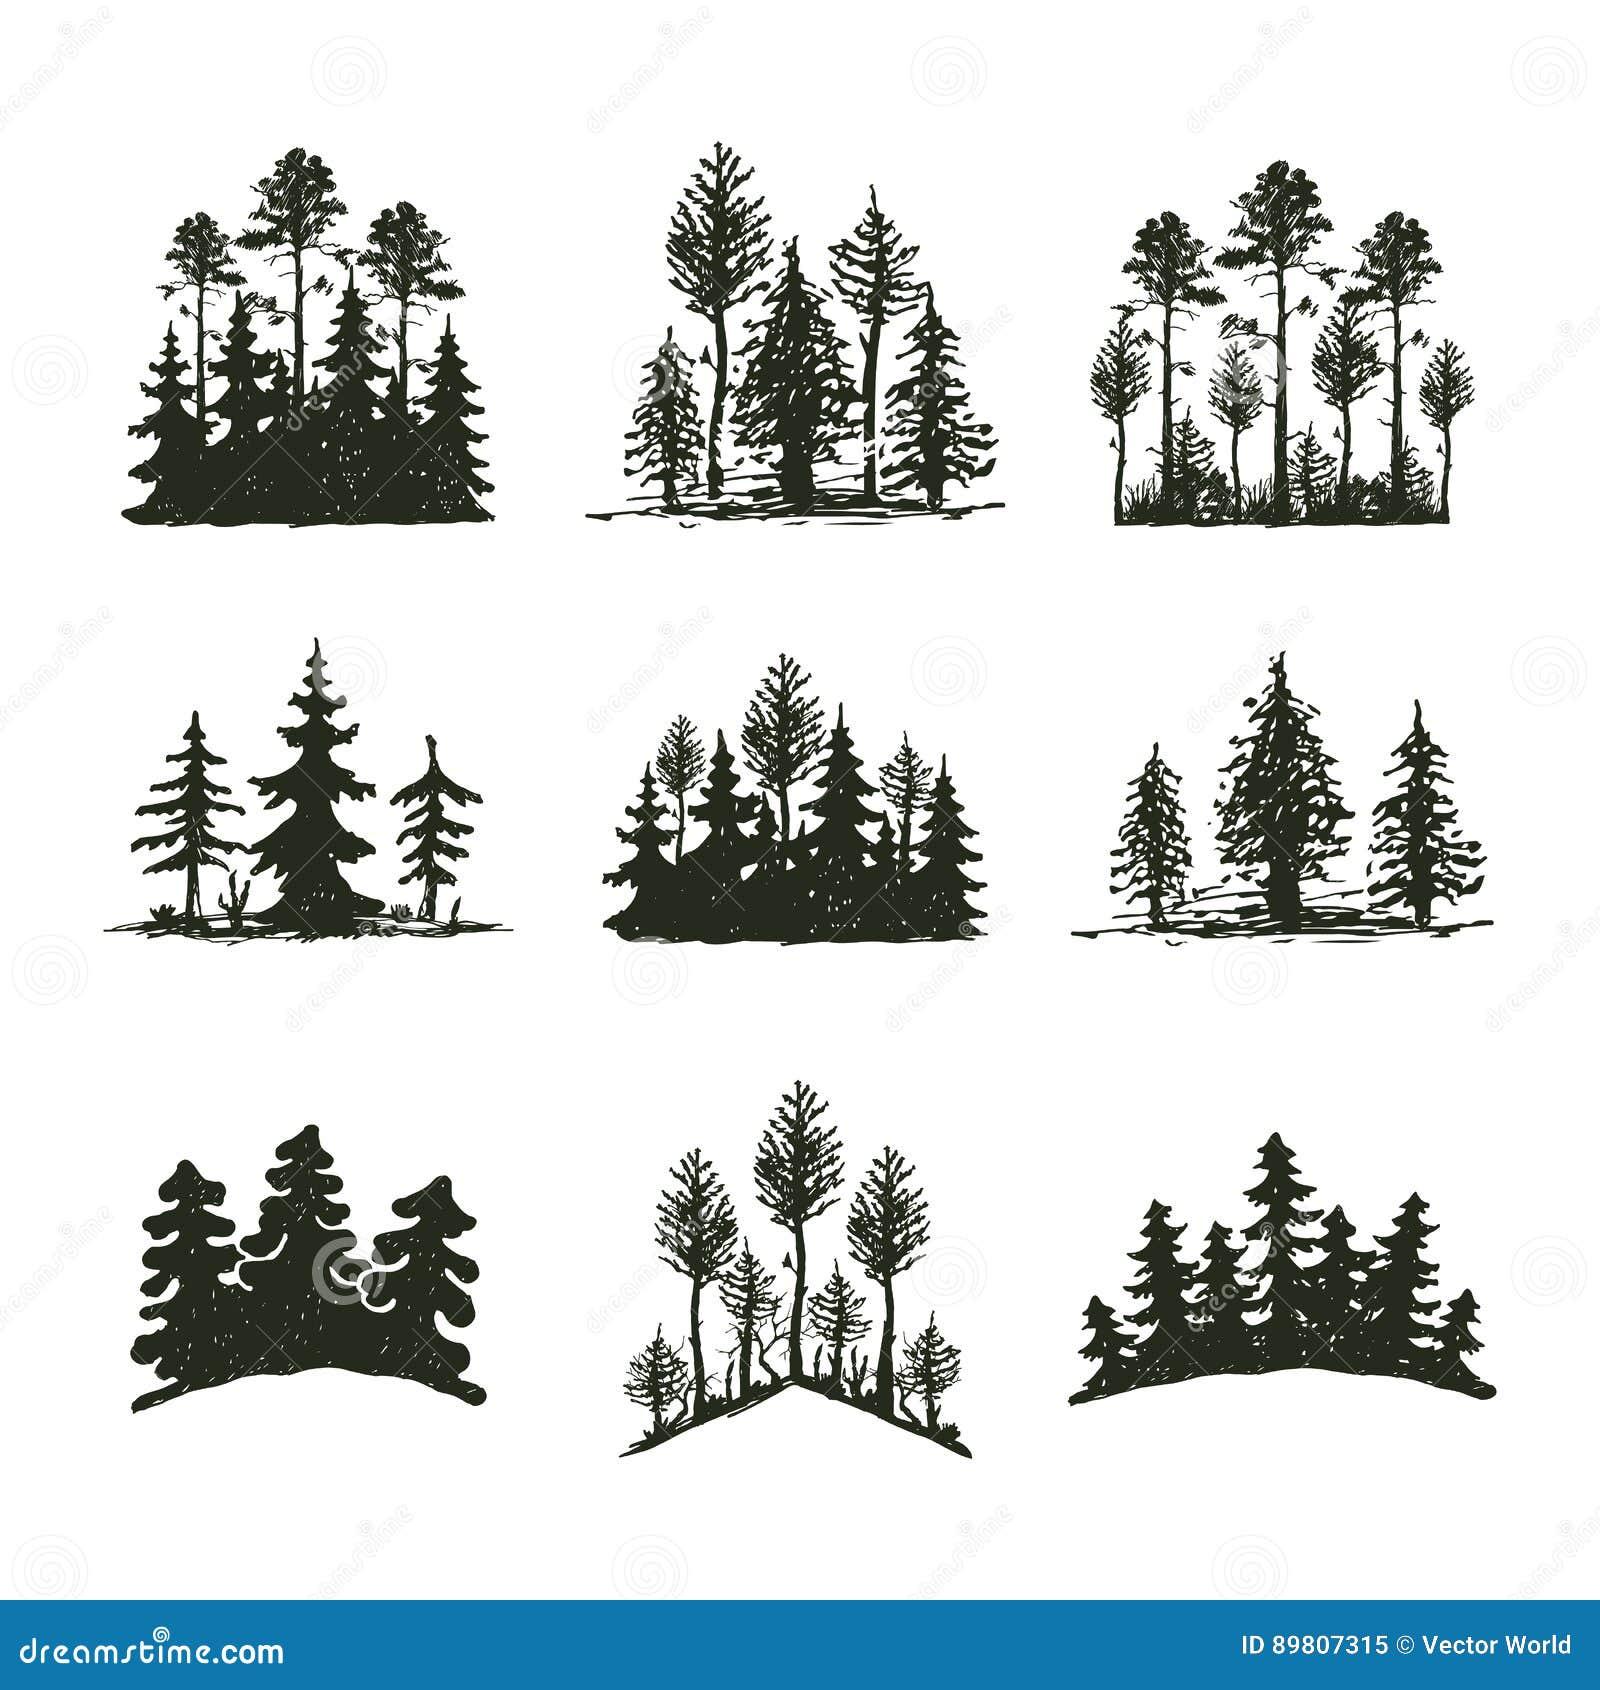 Δέντρων υπαίθριο κωνοφόρο φυσικό διακριτικό σκιαγραφιών ταξιδιού μαύρο, κομψοί κέδρος κλάδων ανώτατων πεύκων και περίληψη φύλλων